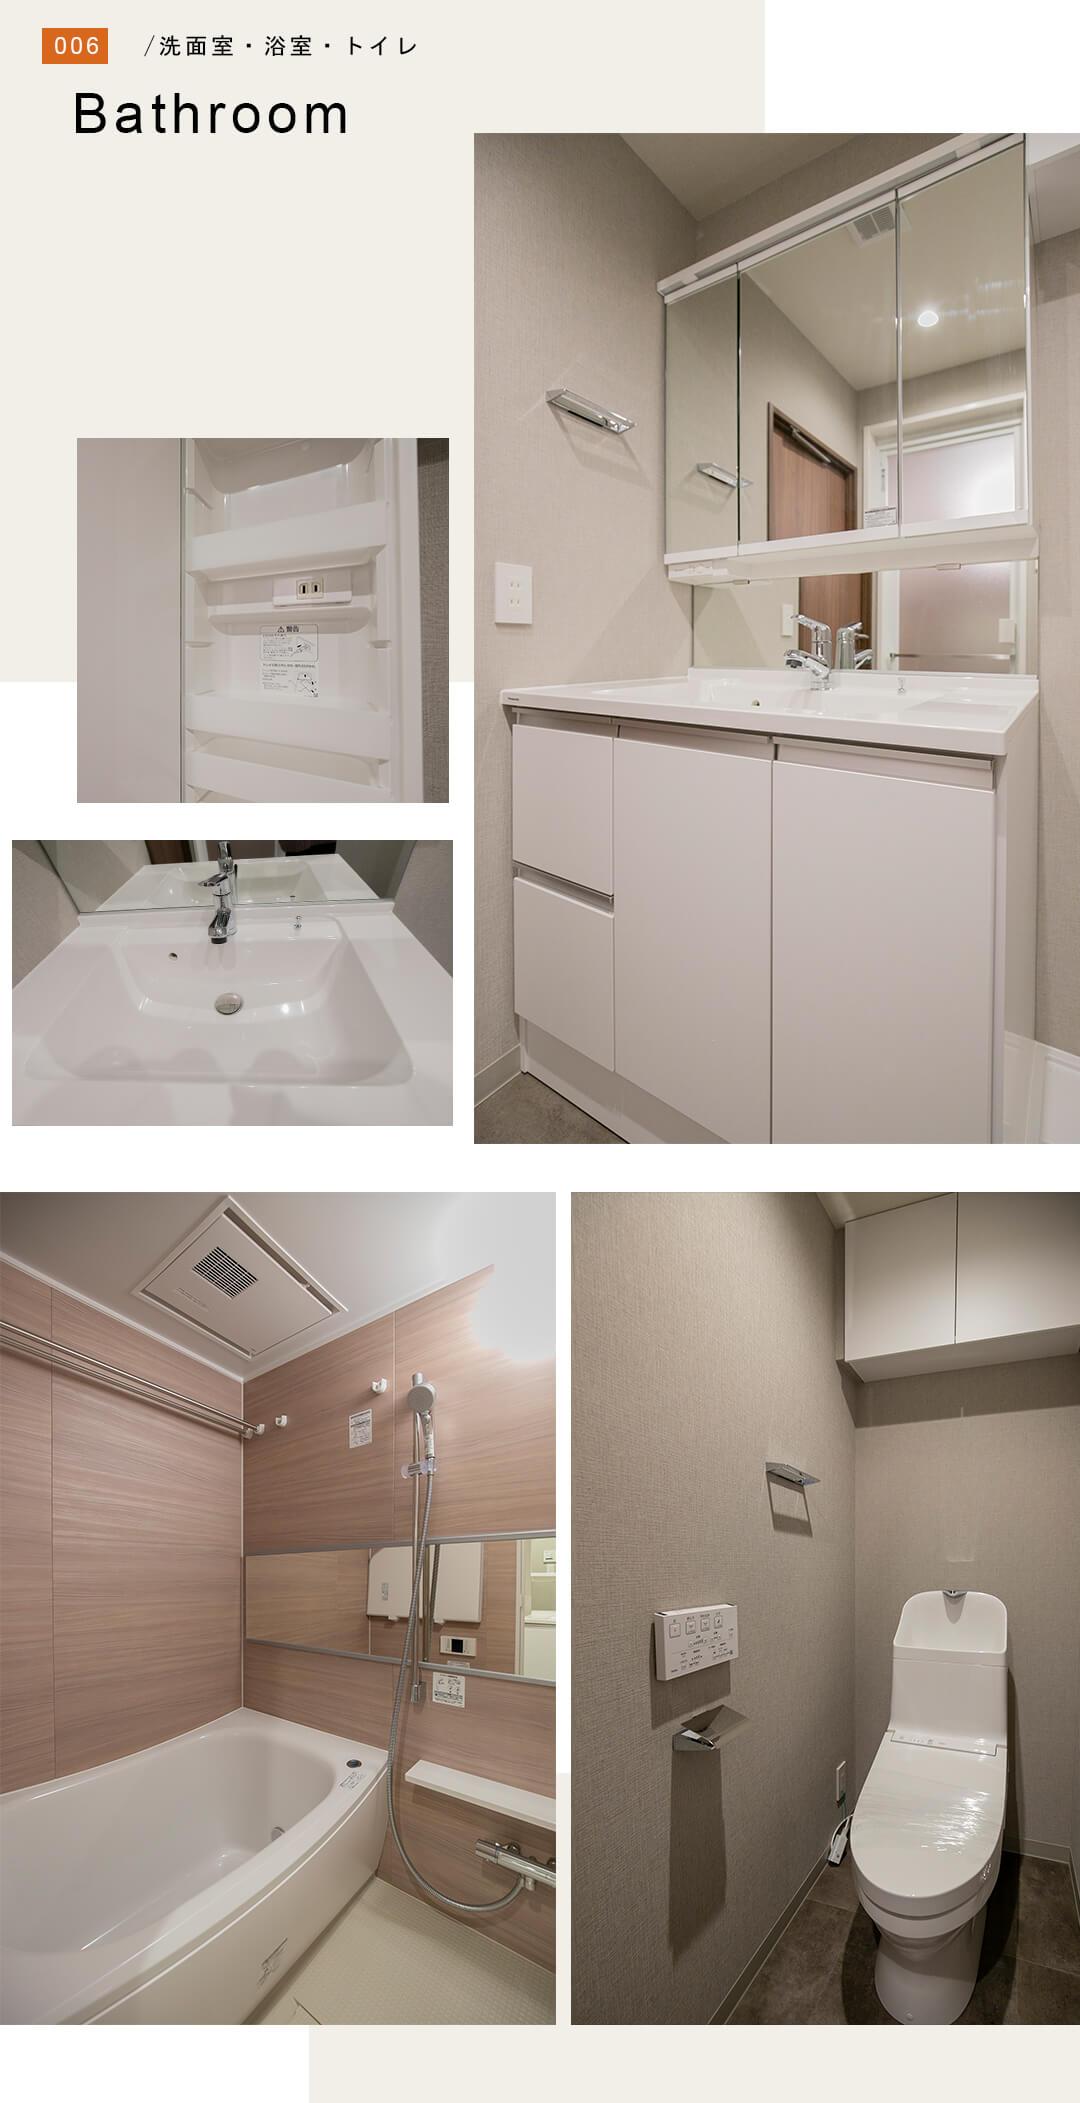 グリーンキャピタル千歳船橋の洗面室と浴室とトイレ